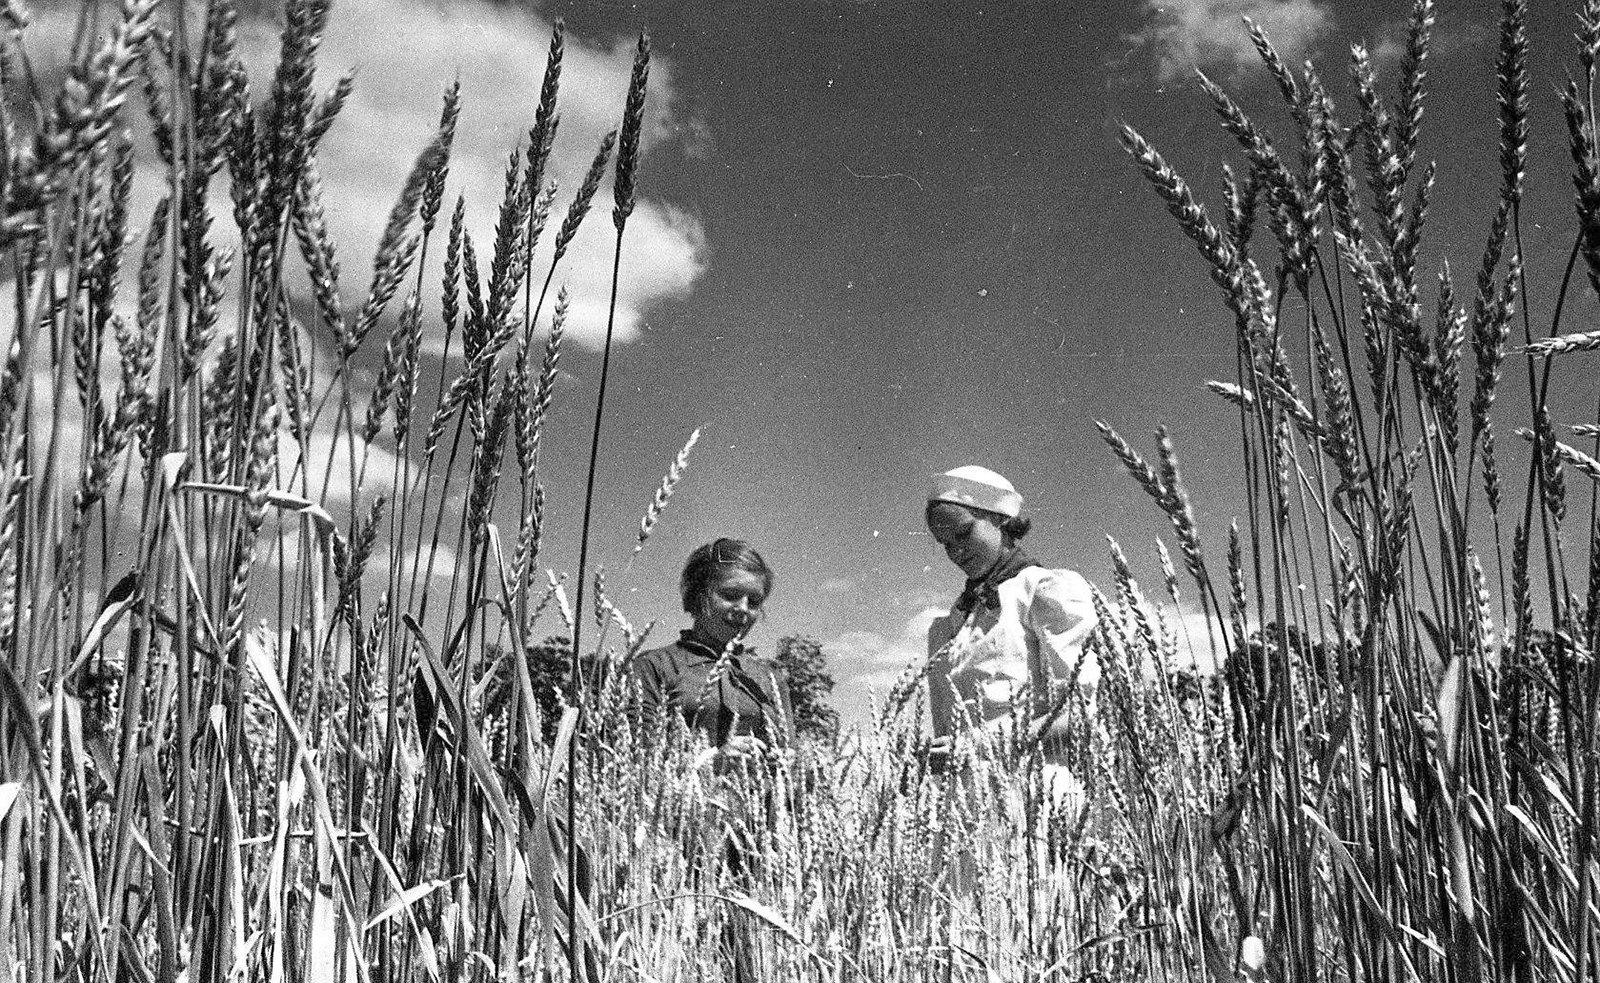 Юннаты на опытном поле. Автор В. Микоша. 1938 год. Из коллекции МАММ